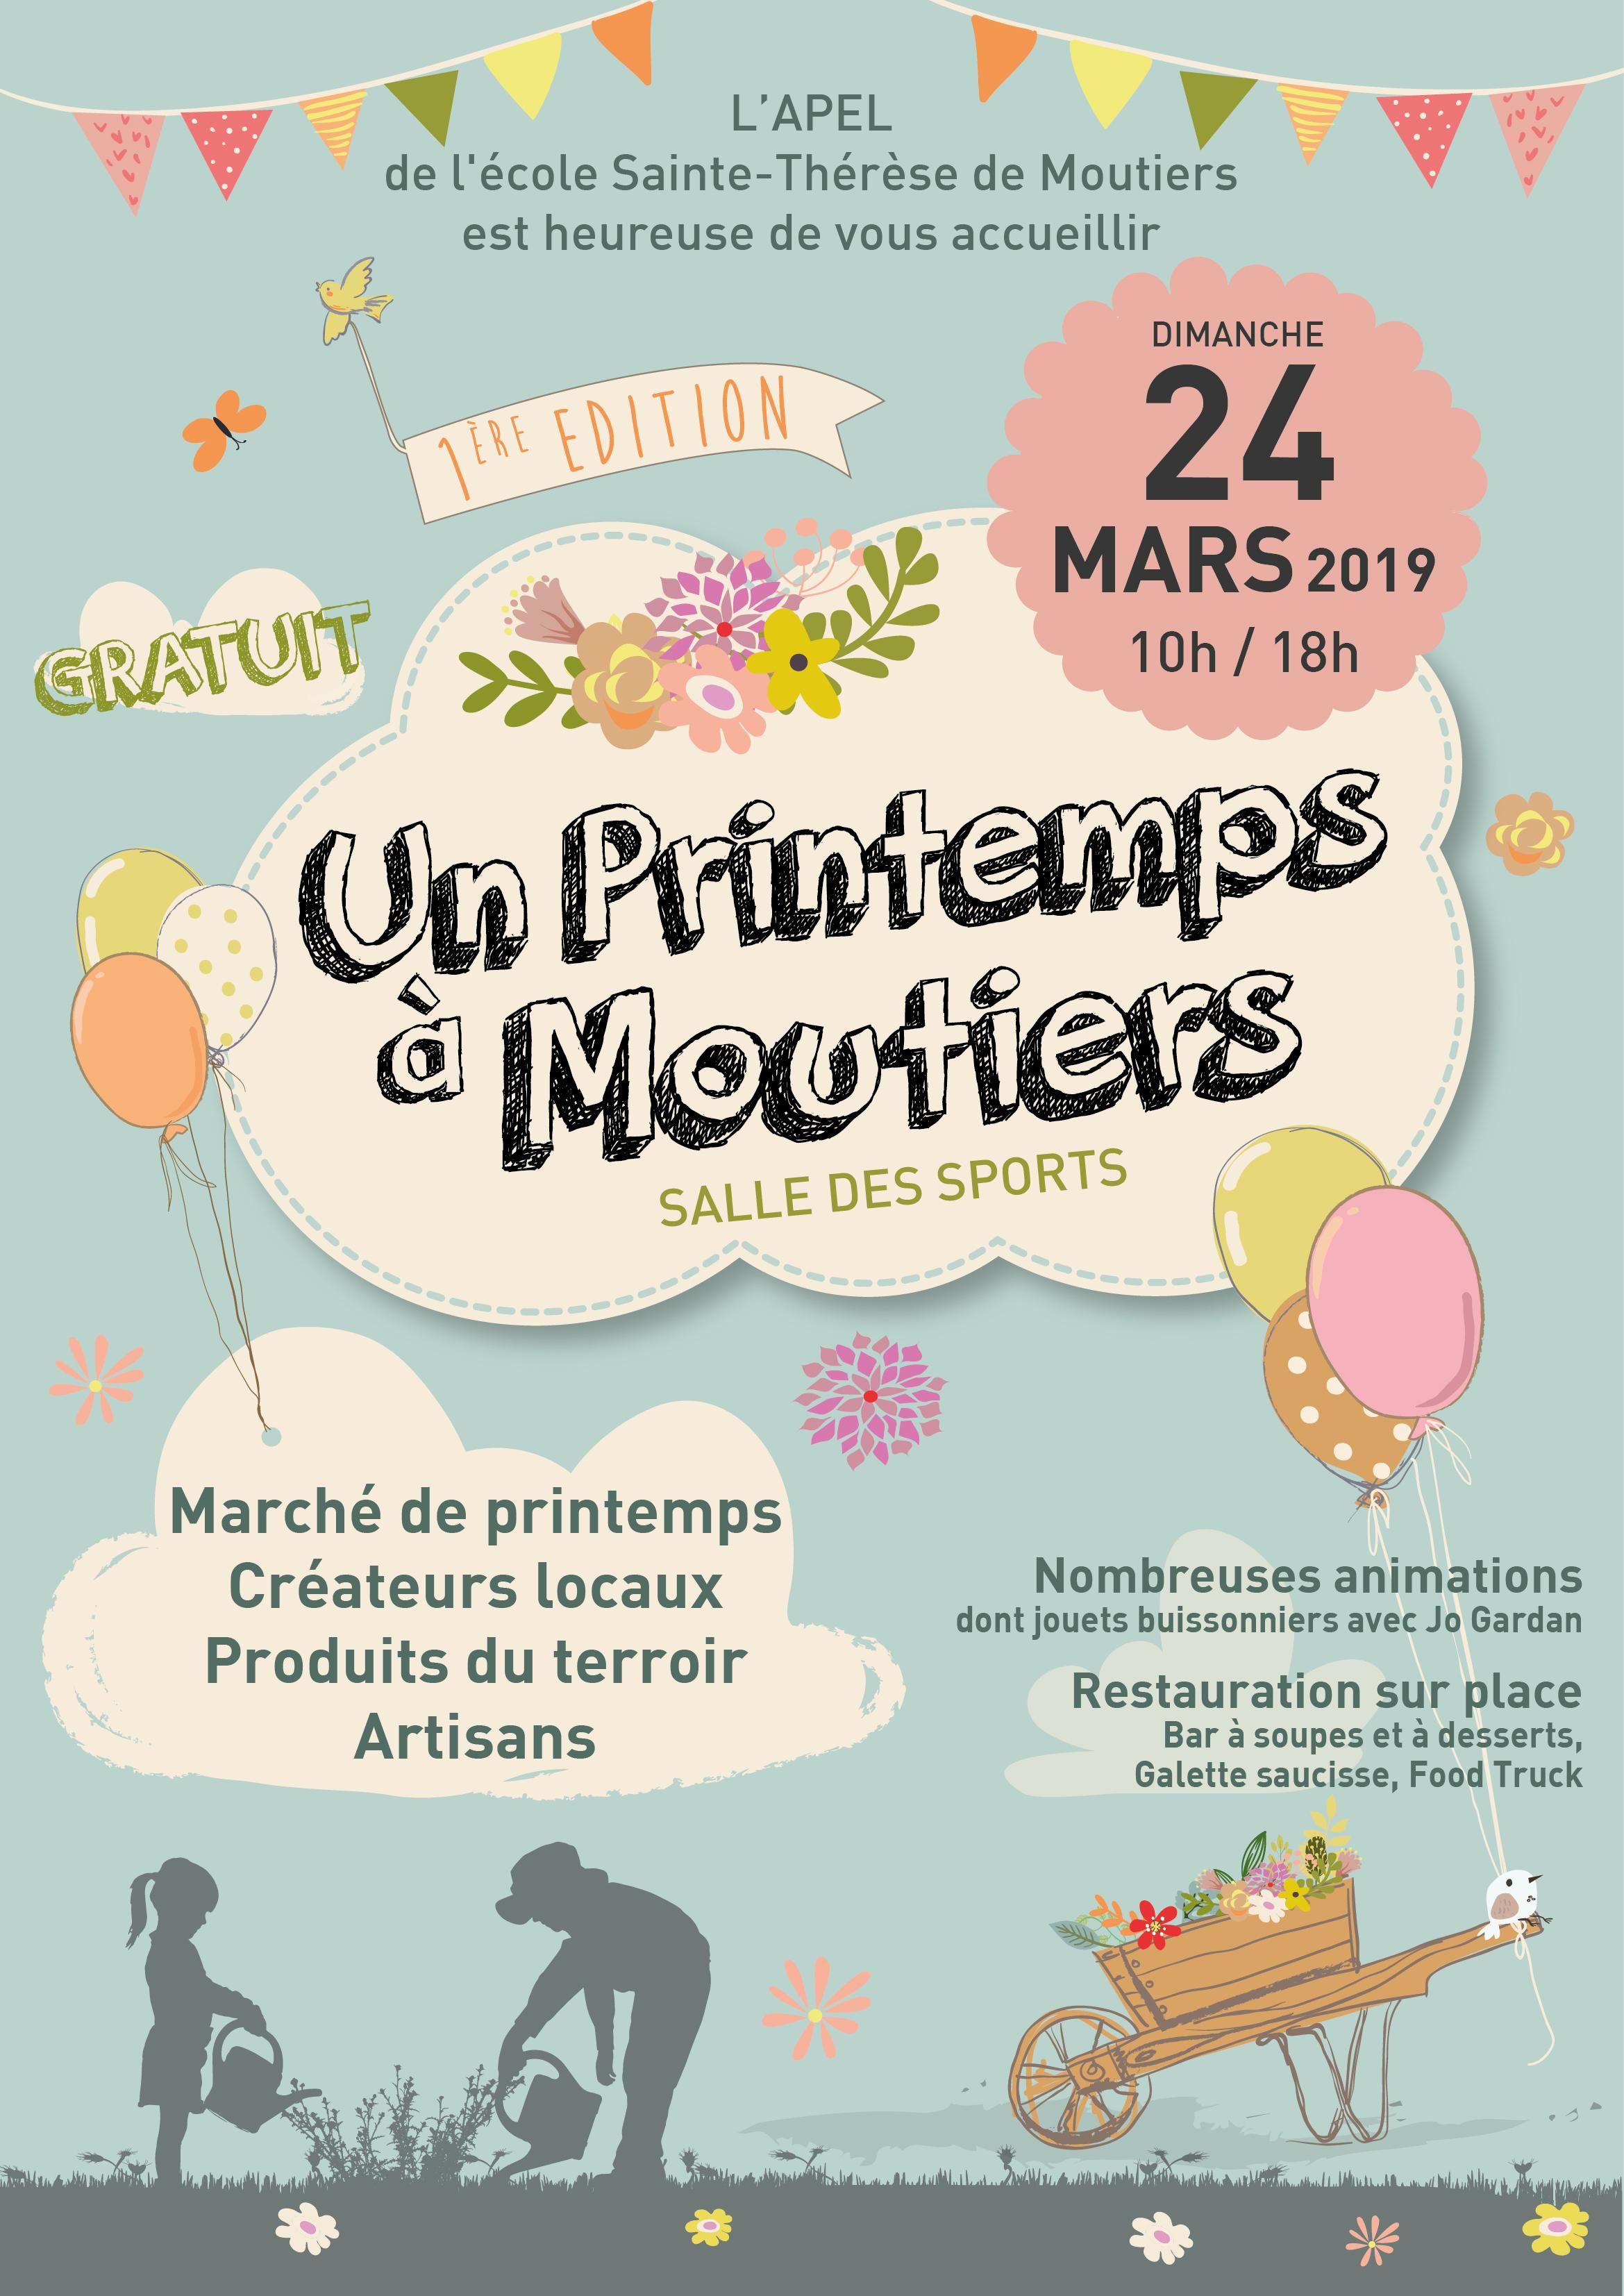 Un printemps à Moutiers